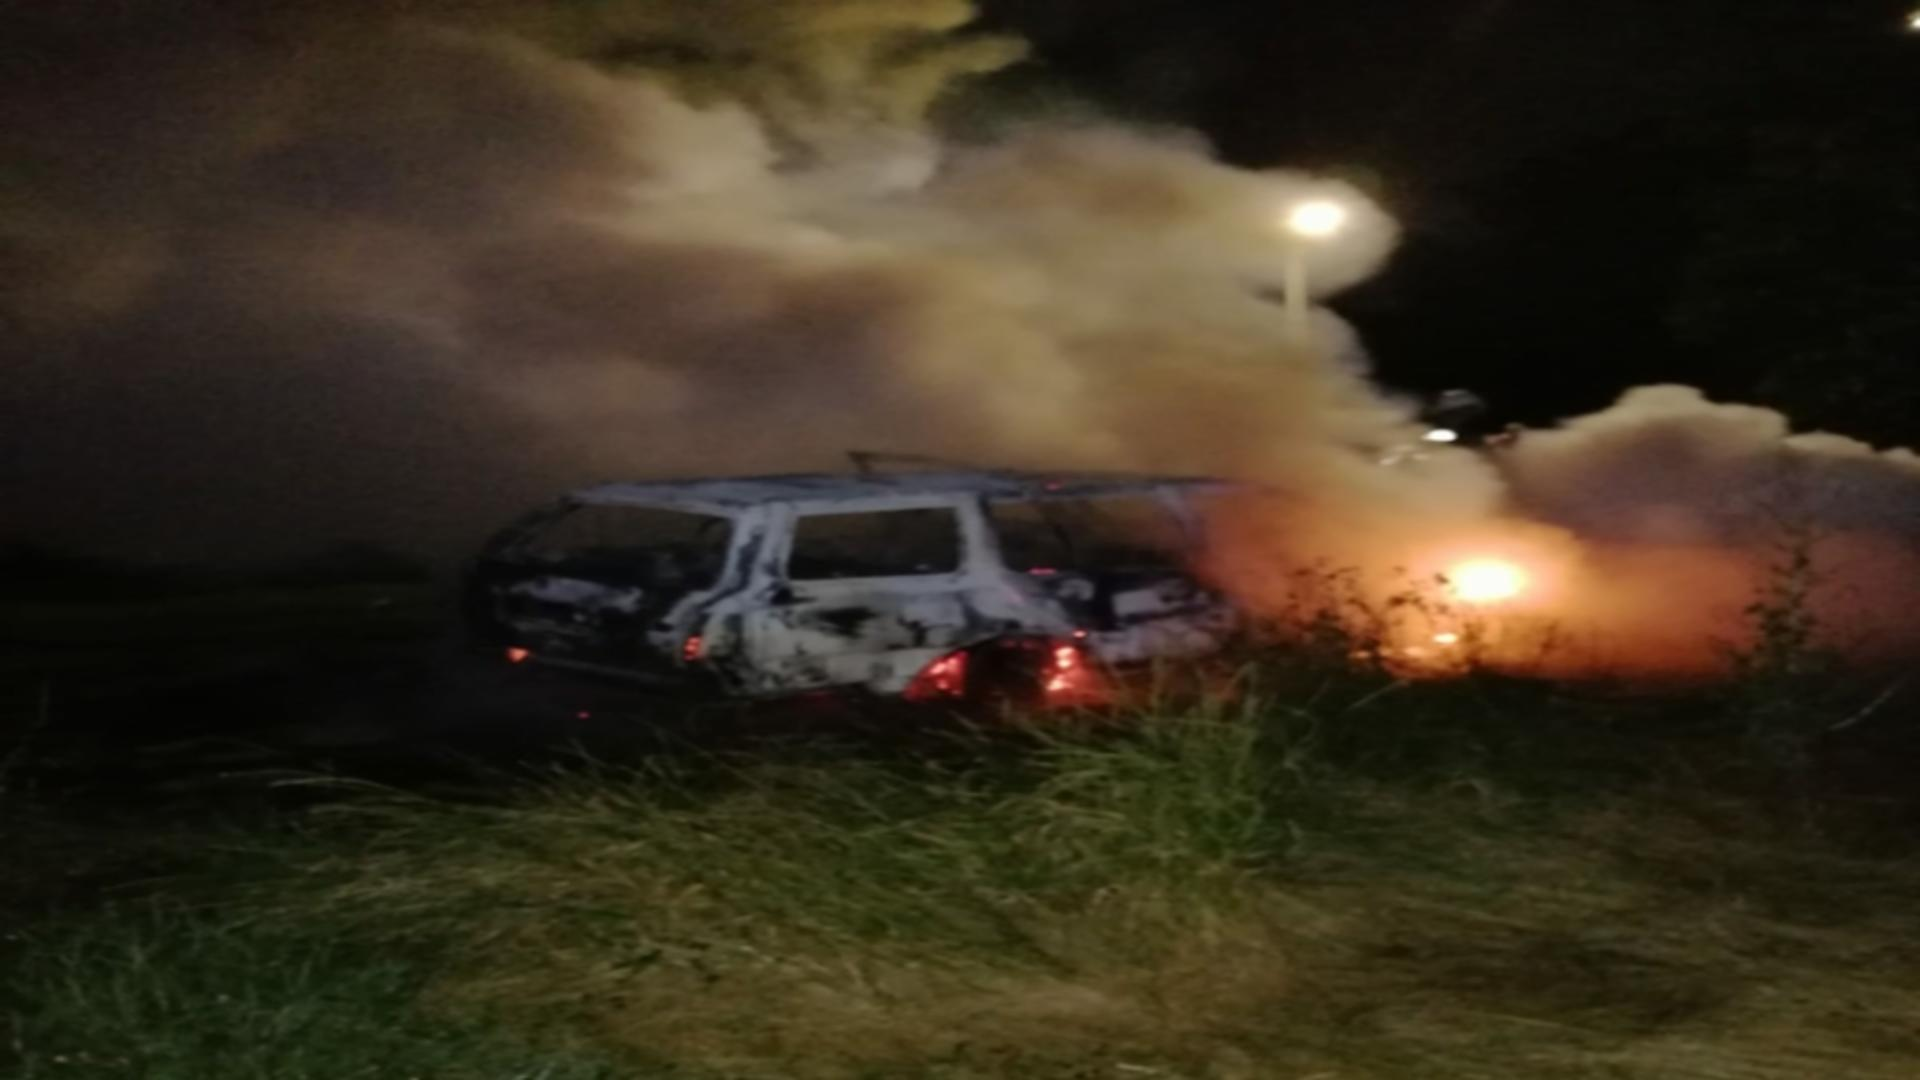 Maşina a fost distrusă de flăcări. Foto: Realitatea de Mureș